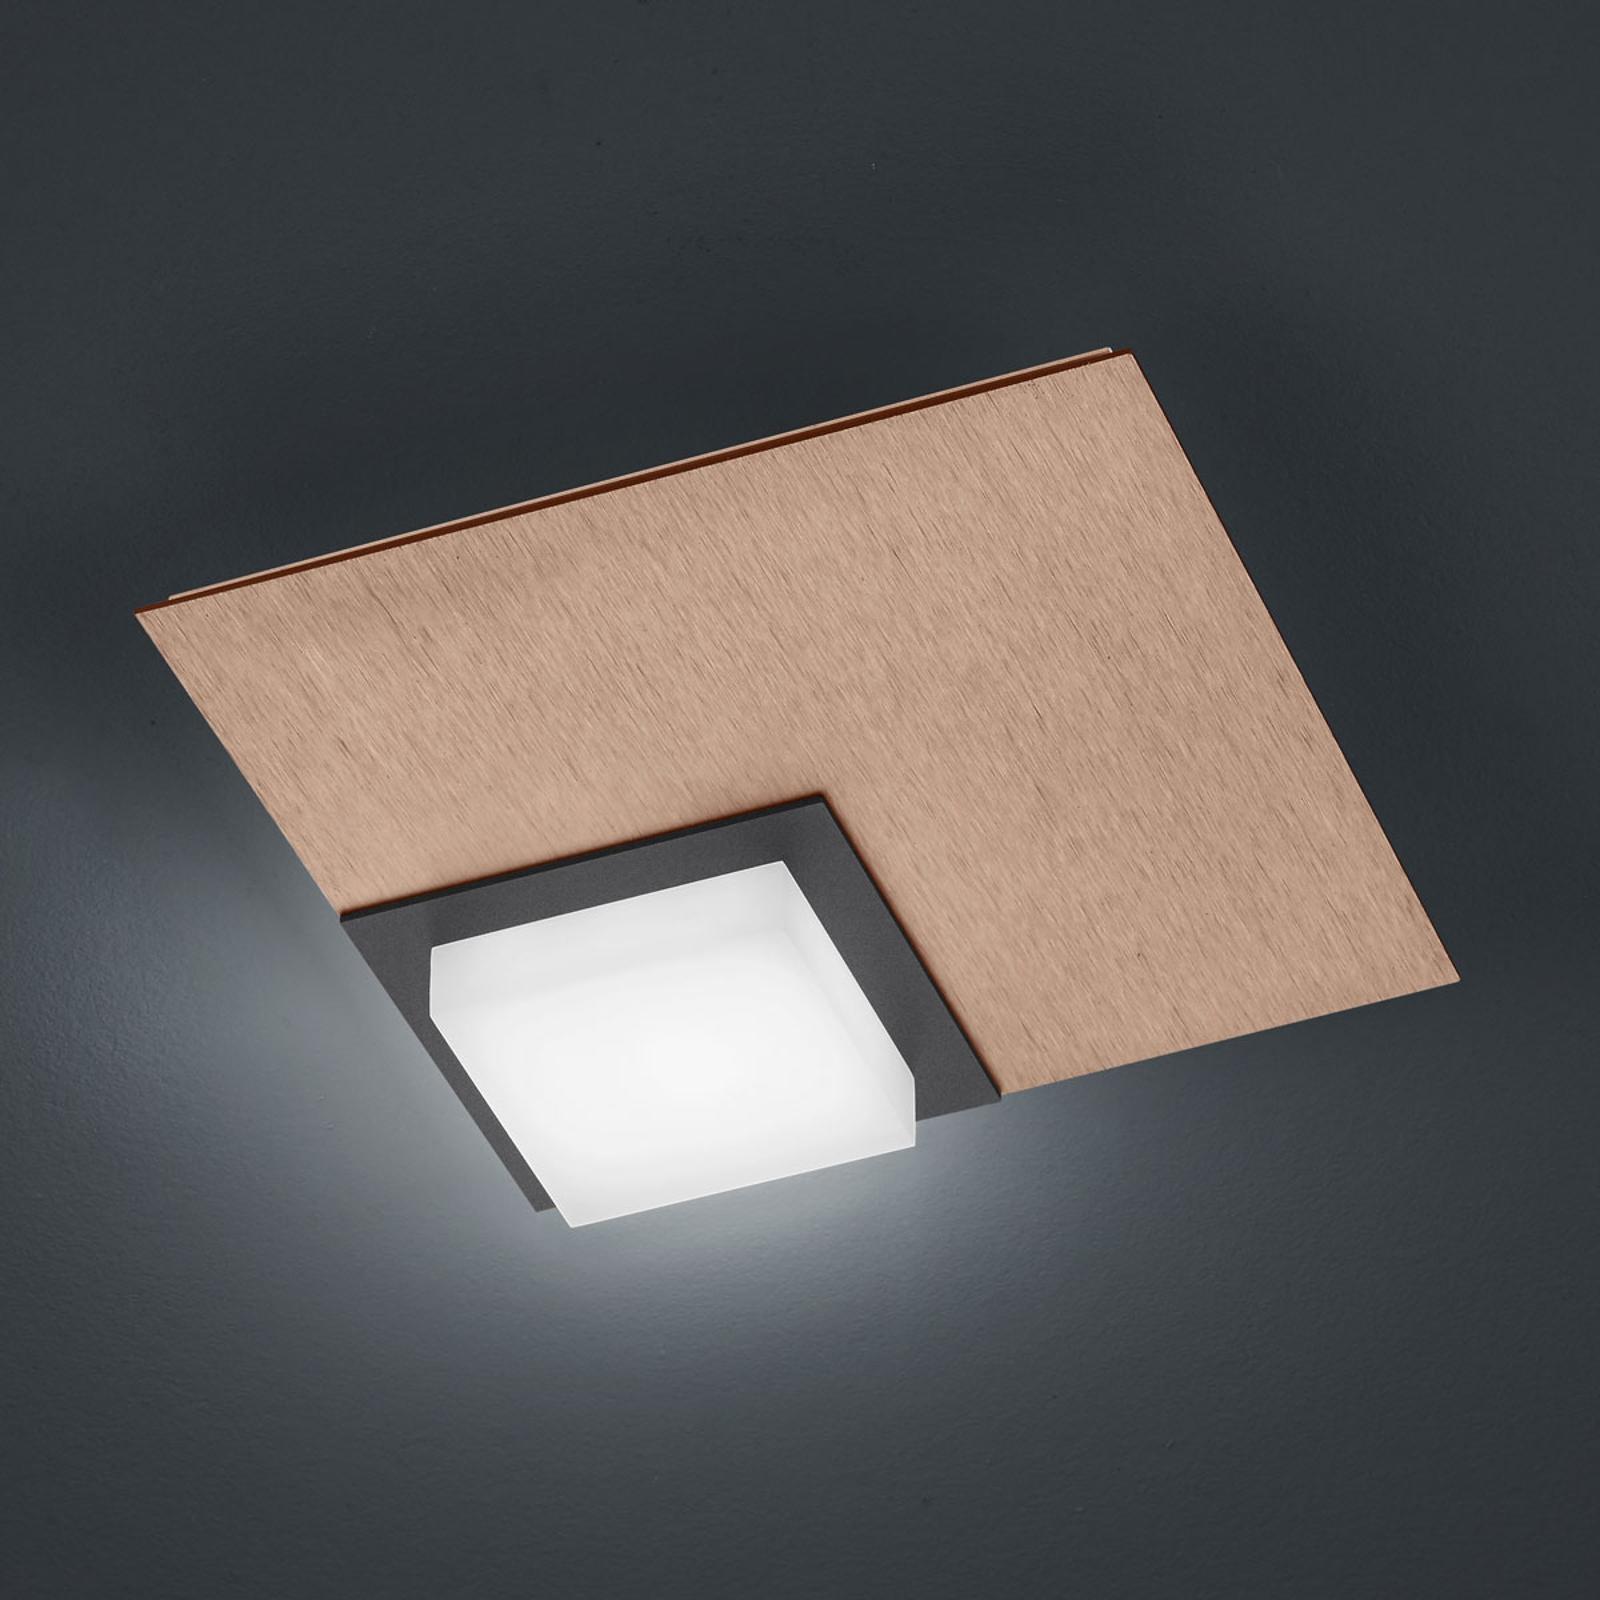 BANKAMP Quadro lampa sufitowa LED 8W różowe złoto